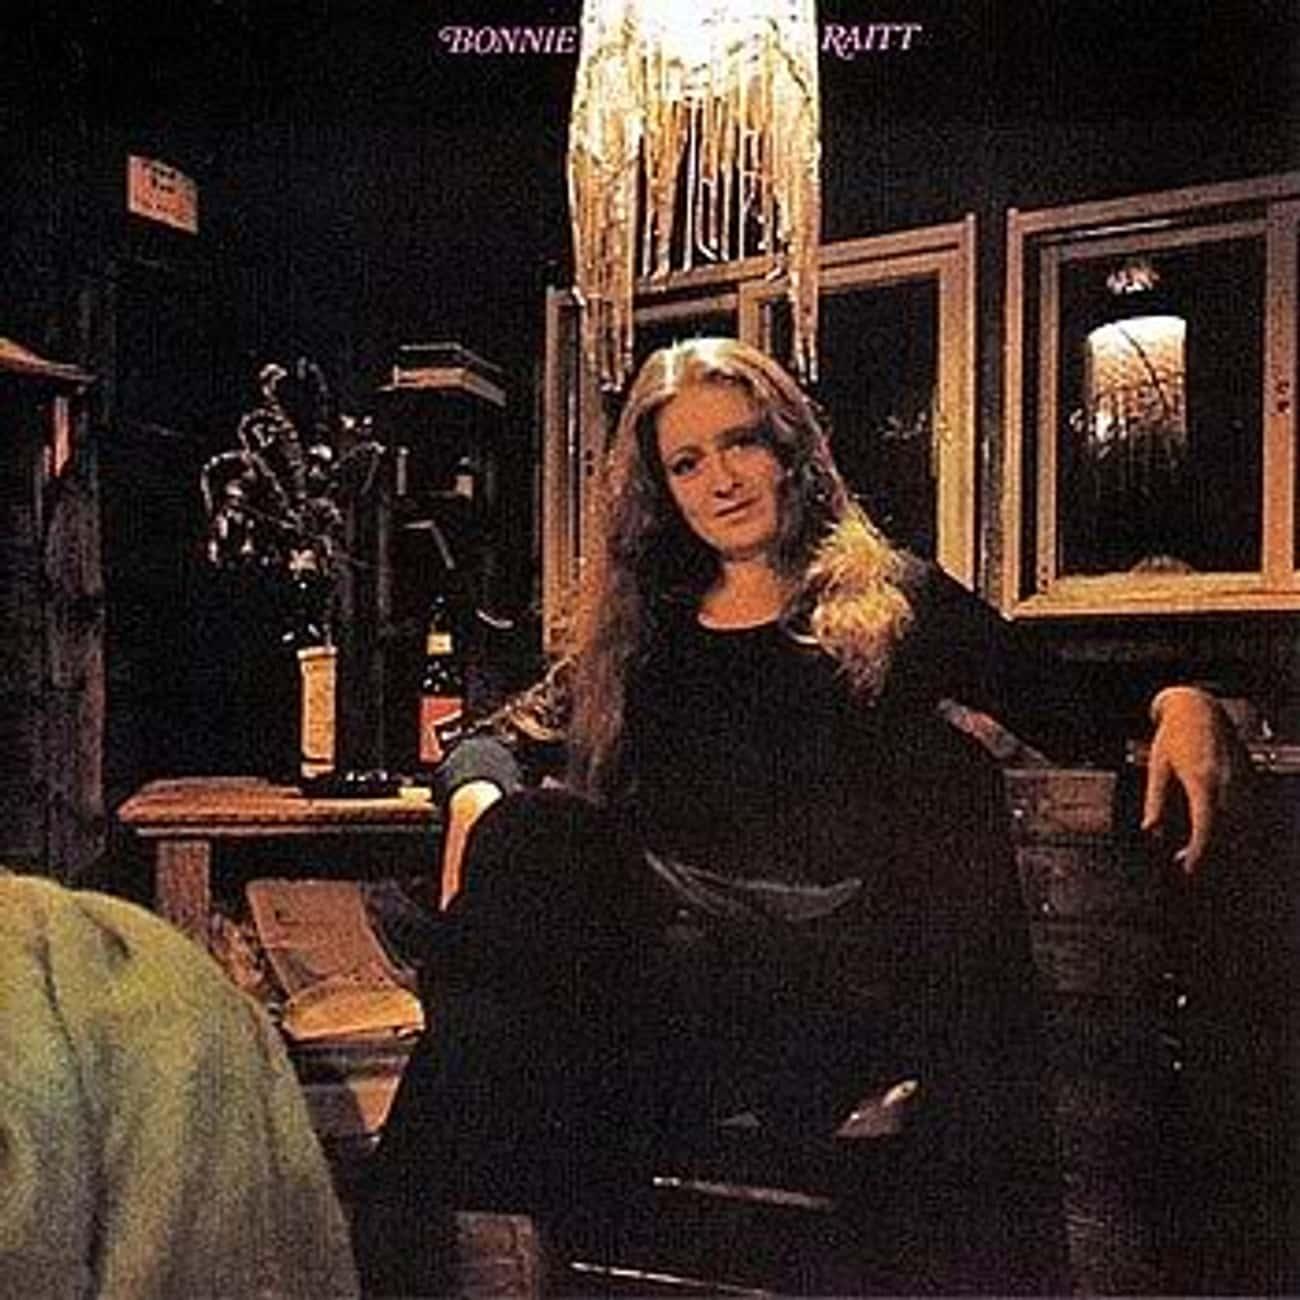 Bonnie Raitt is listed (or ranked) 4 on the list The Best Bonnie Raitt Albums of All Time